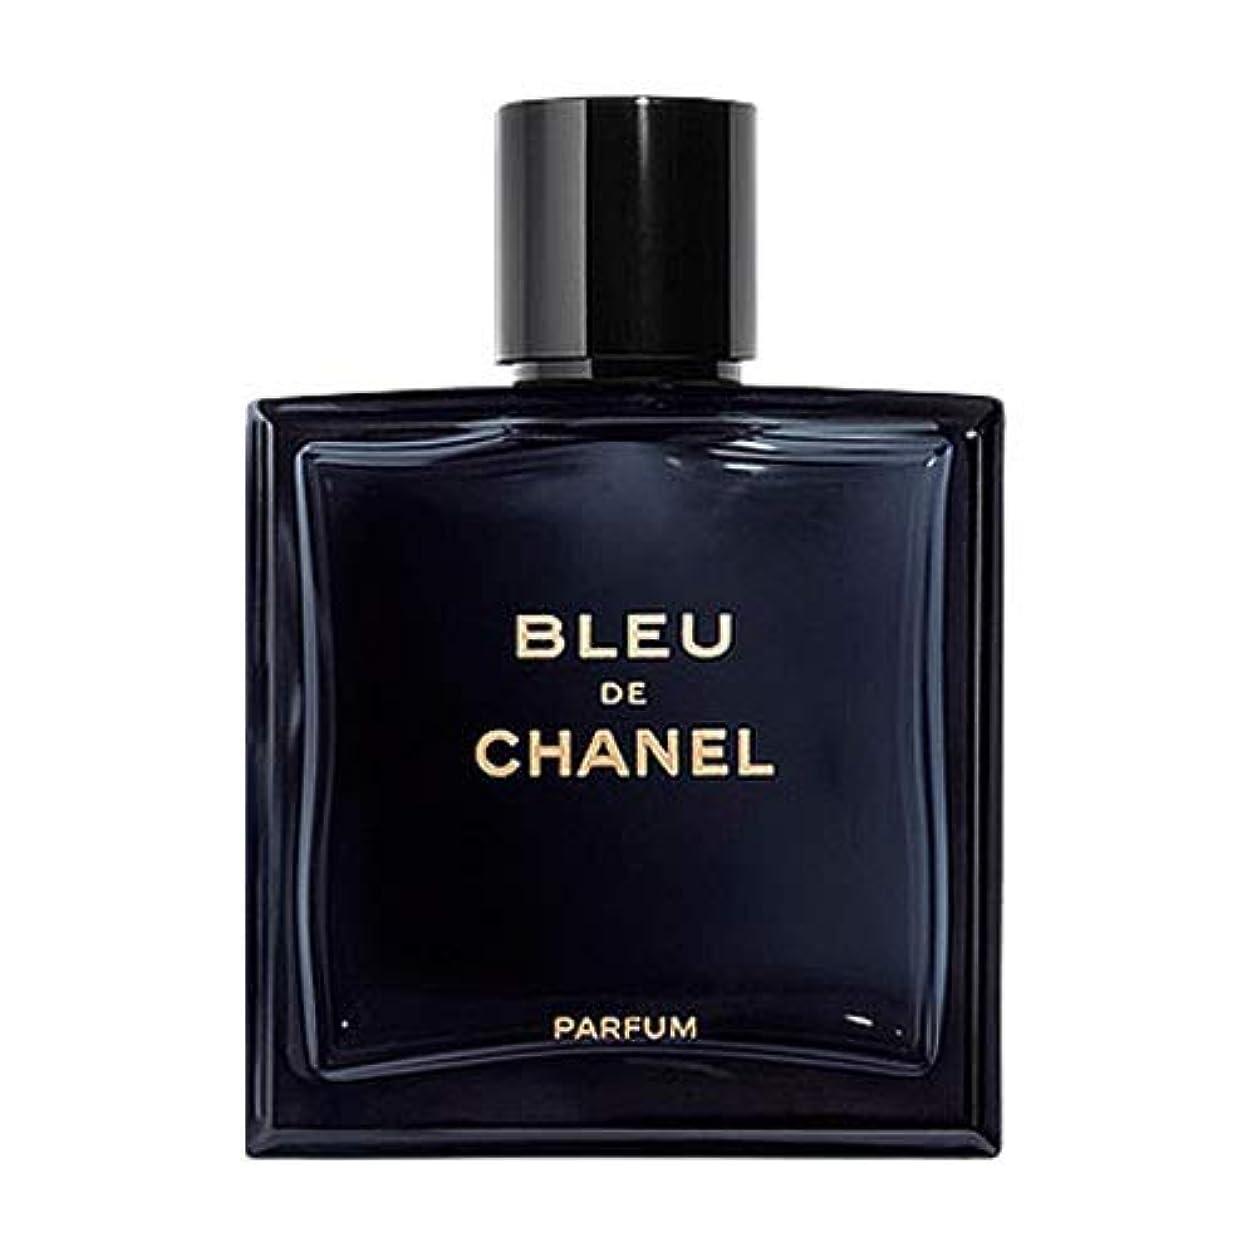 シャネル CHANEL ブルー ドゥ シャネル パルファム 〔Parfum〕 50ml Pfm SP fs